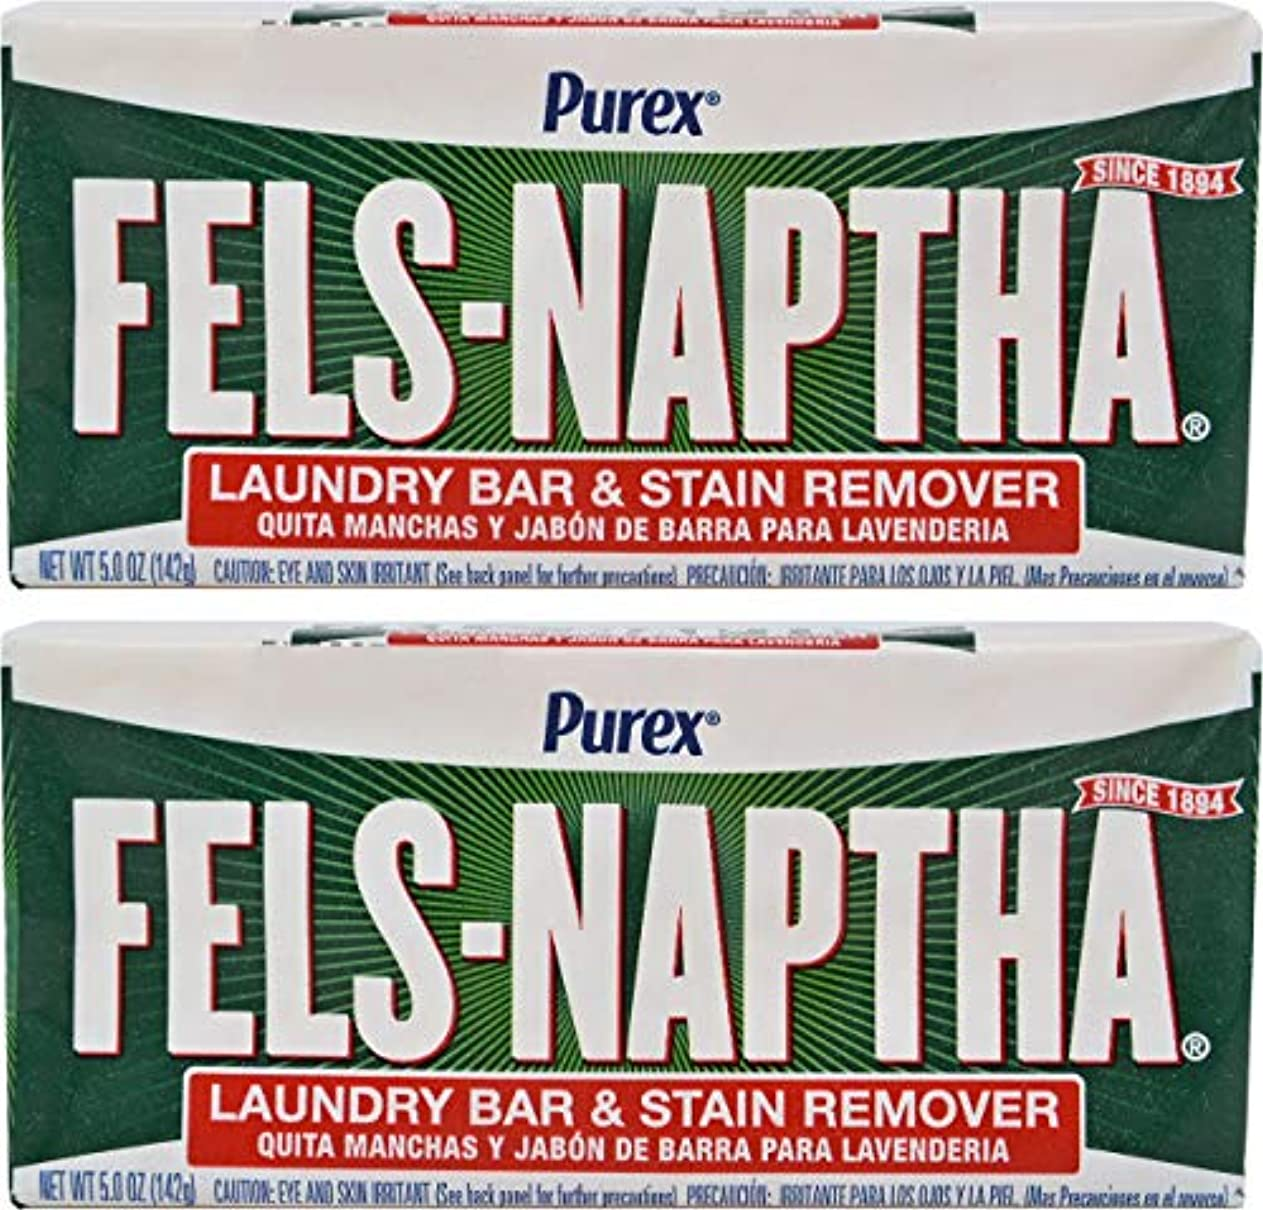 納税者人物部屋を掃除するFels Naptha Heavy Duty Laundry Soap Bar - 5.5 oz - 2 pk by Fels Naptha